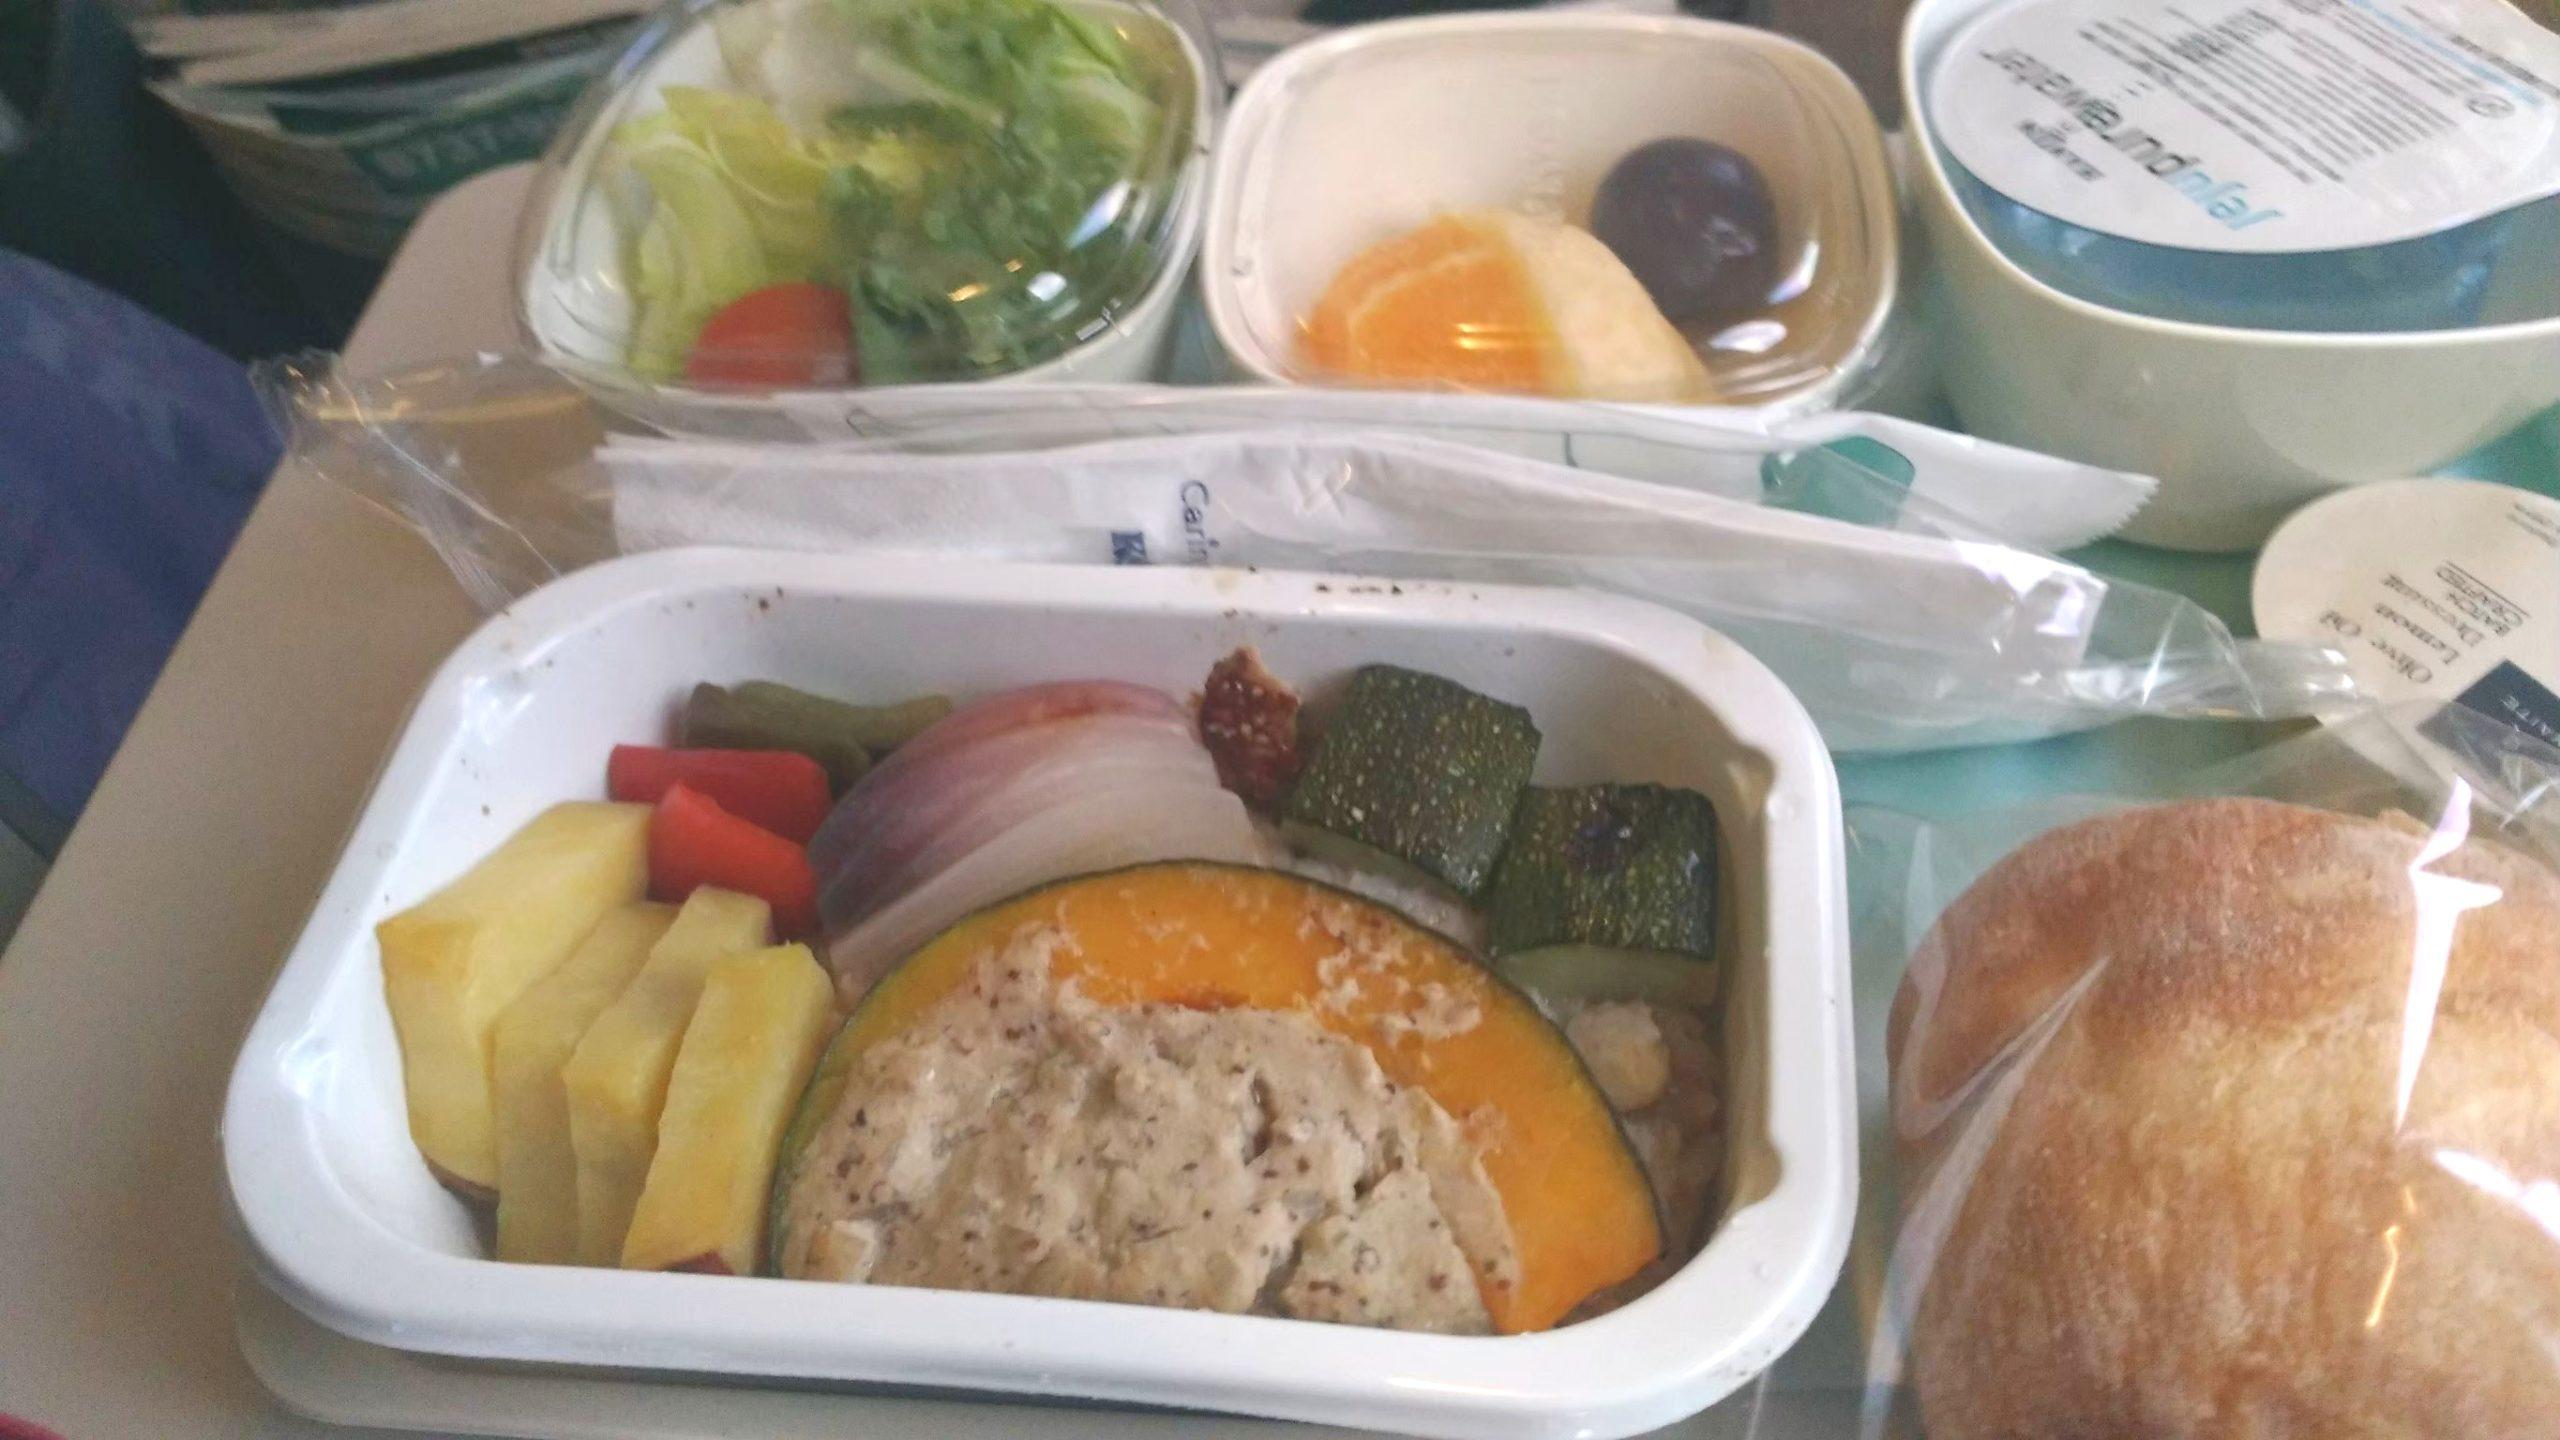 大韓航空 KoreanAir KE 機内食 特別機内食 フルーツミール ラクトオボ ベジタリアンミール